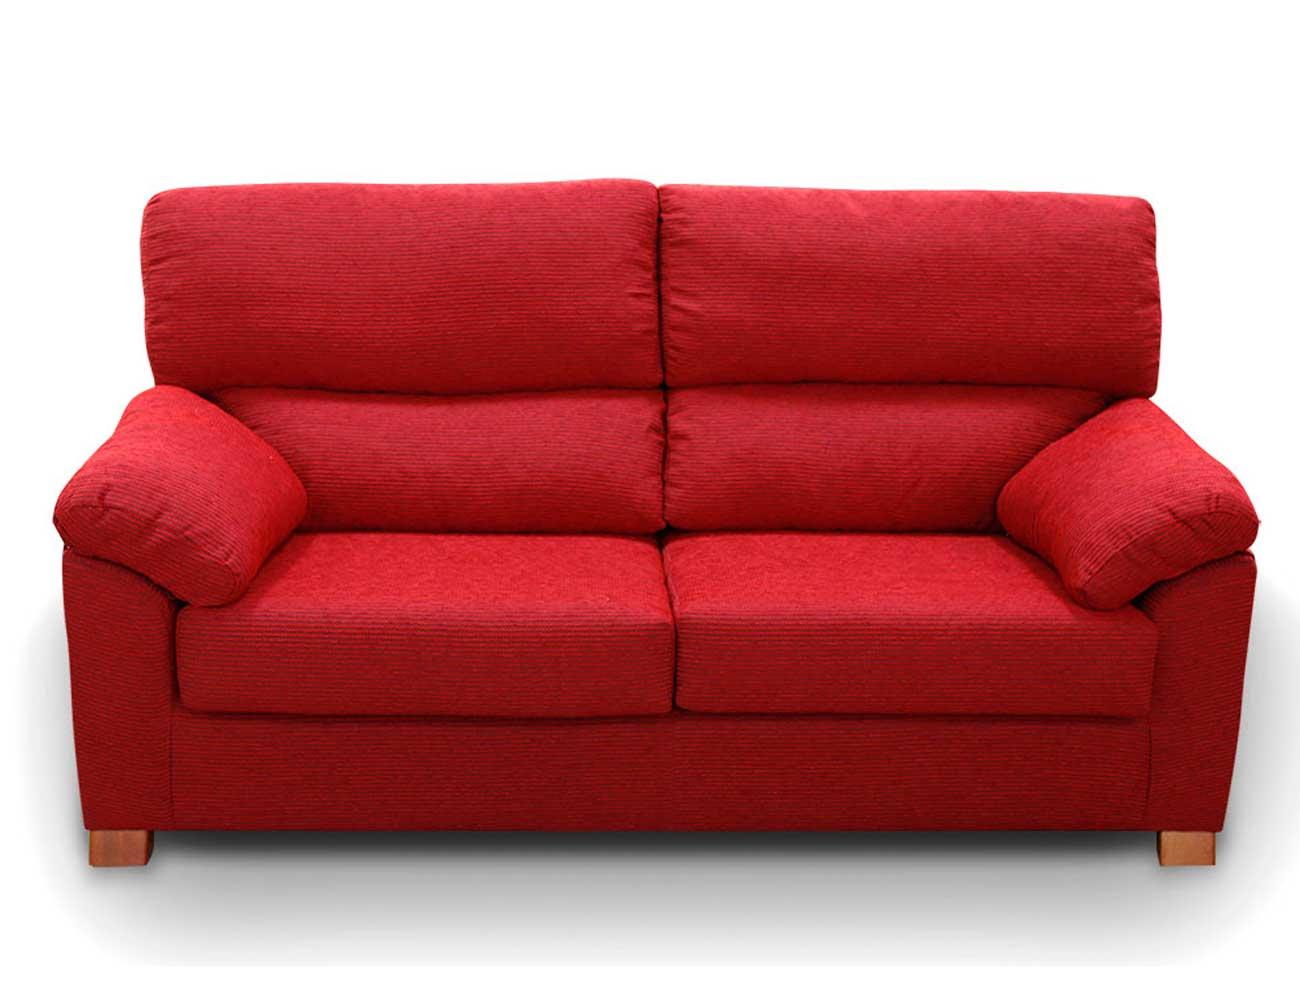 Sofa barato 3 plazas rojo8